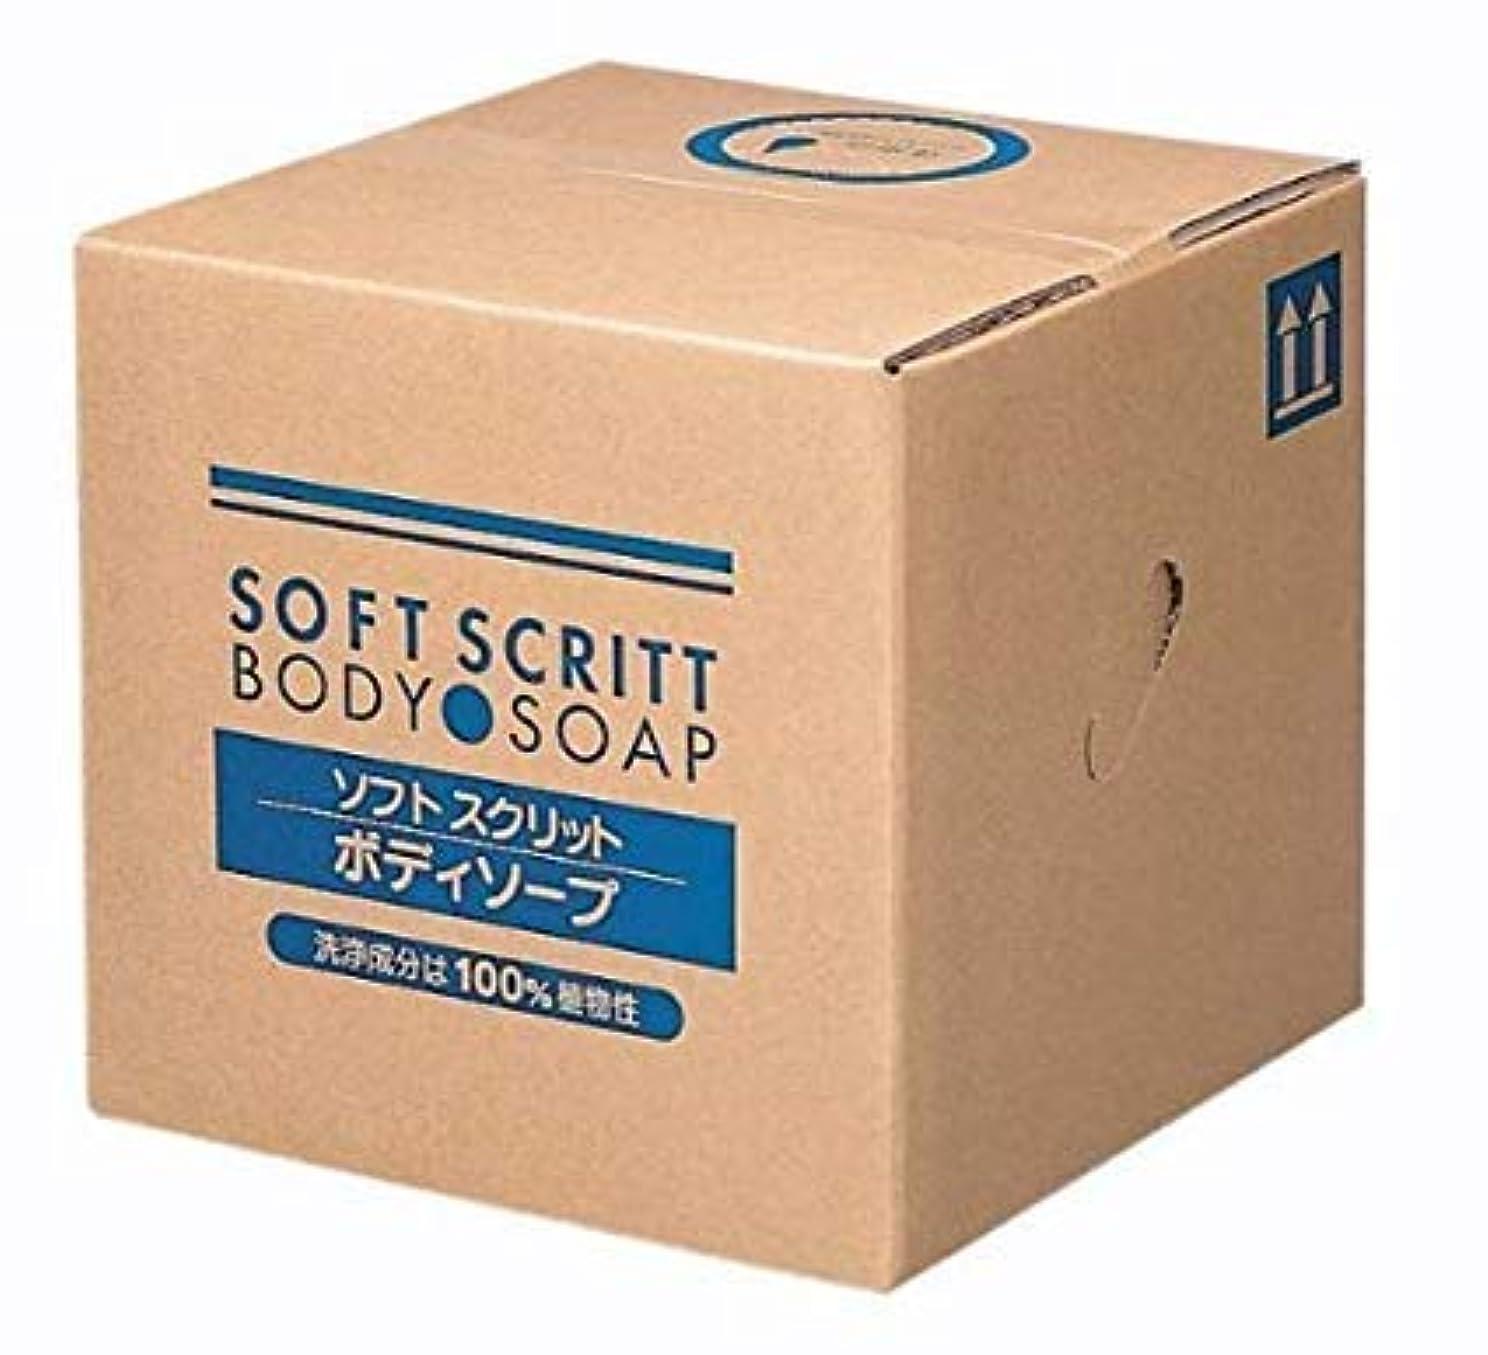 舞い上がるラッチマルクス主義者業務用 SOFT SCRITT(ソフト スクリット) ボディソープ 18L 熊野油脂 コック無し